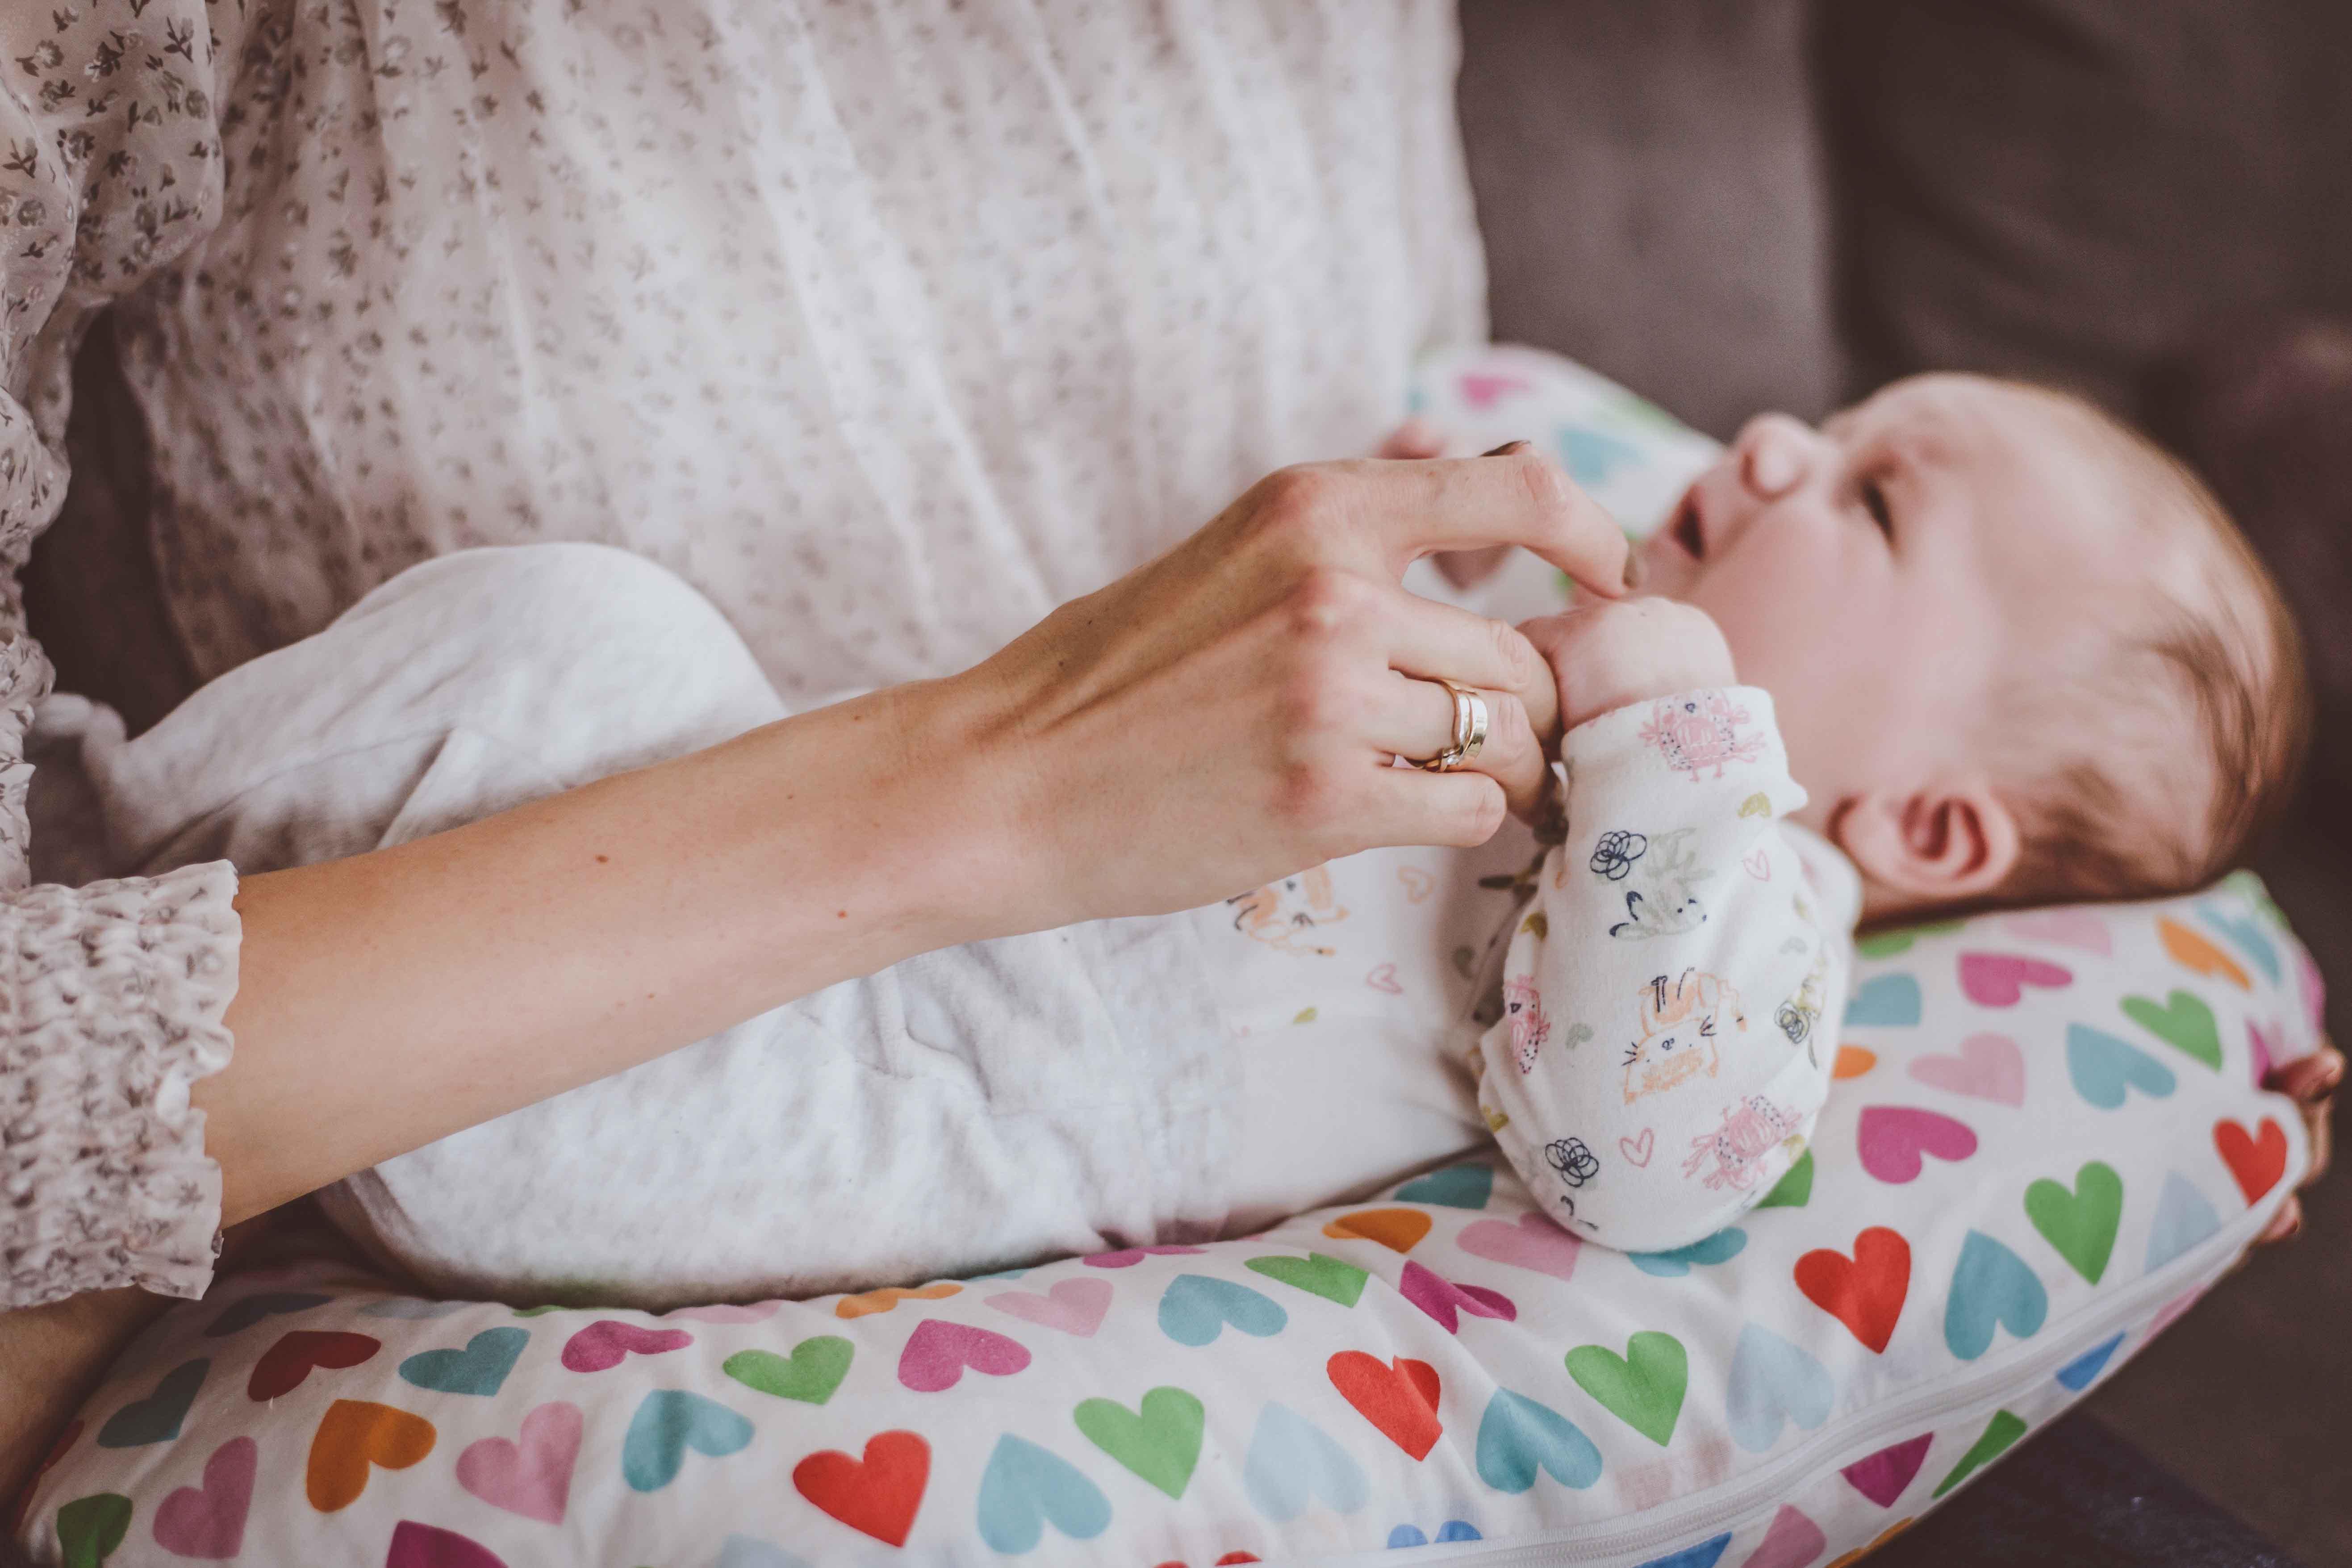 sesja-rodzinna-dzieck-newborn-wroclaw-okonasznurku (20)